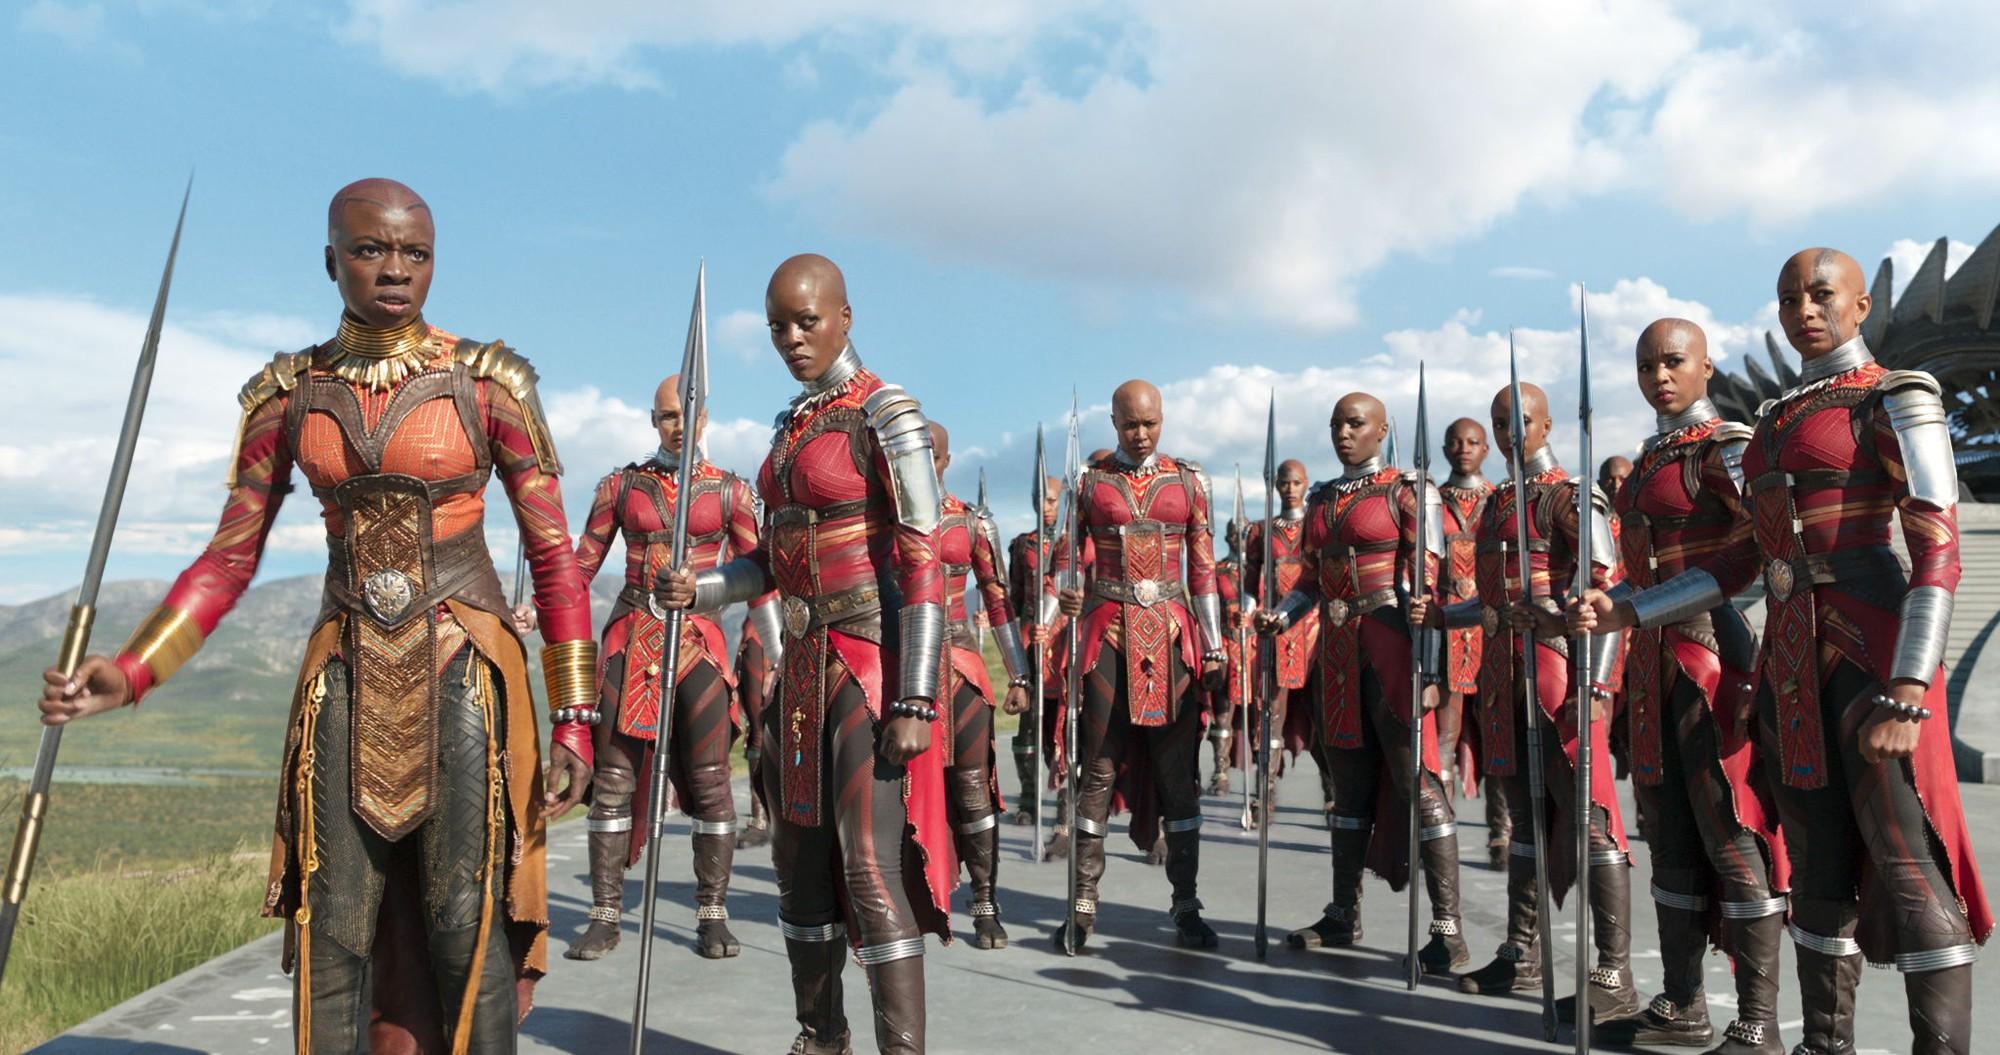 Black Panther - Chiêu trò gây shock hay thông điệp bình đẳng chủng tộc từ Marvel? - Ảnh 6.